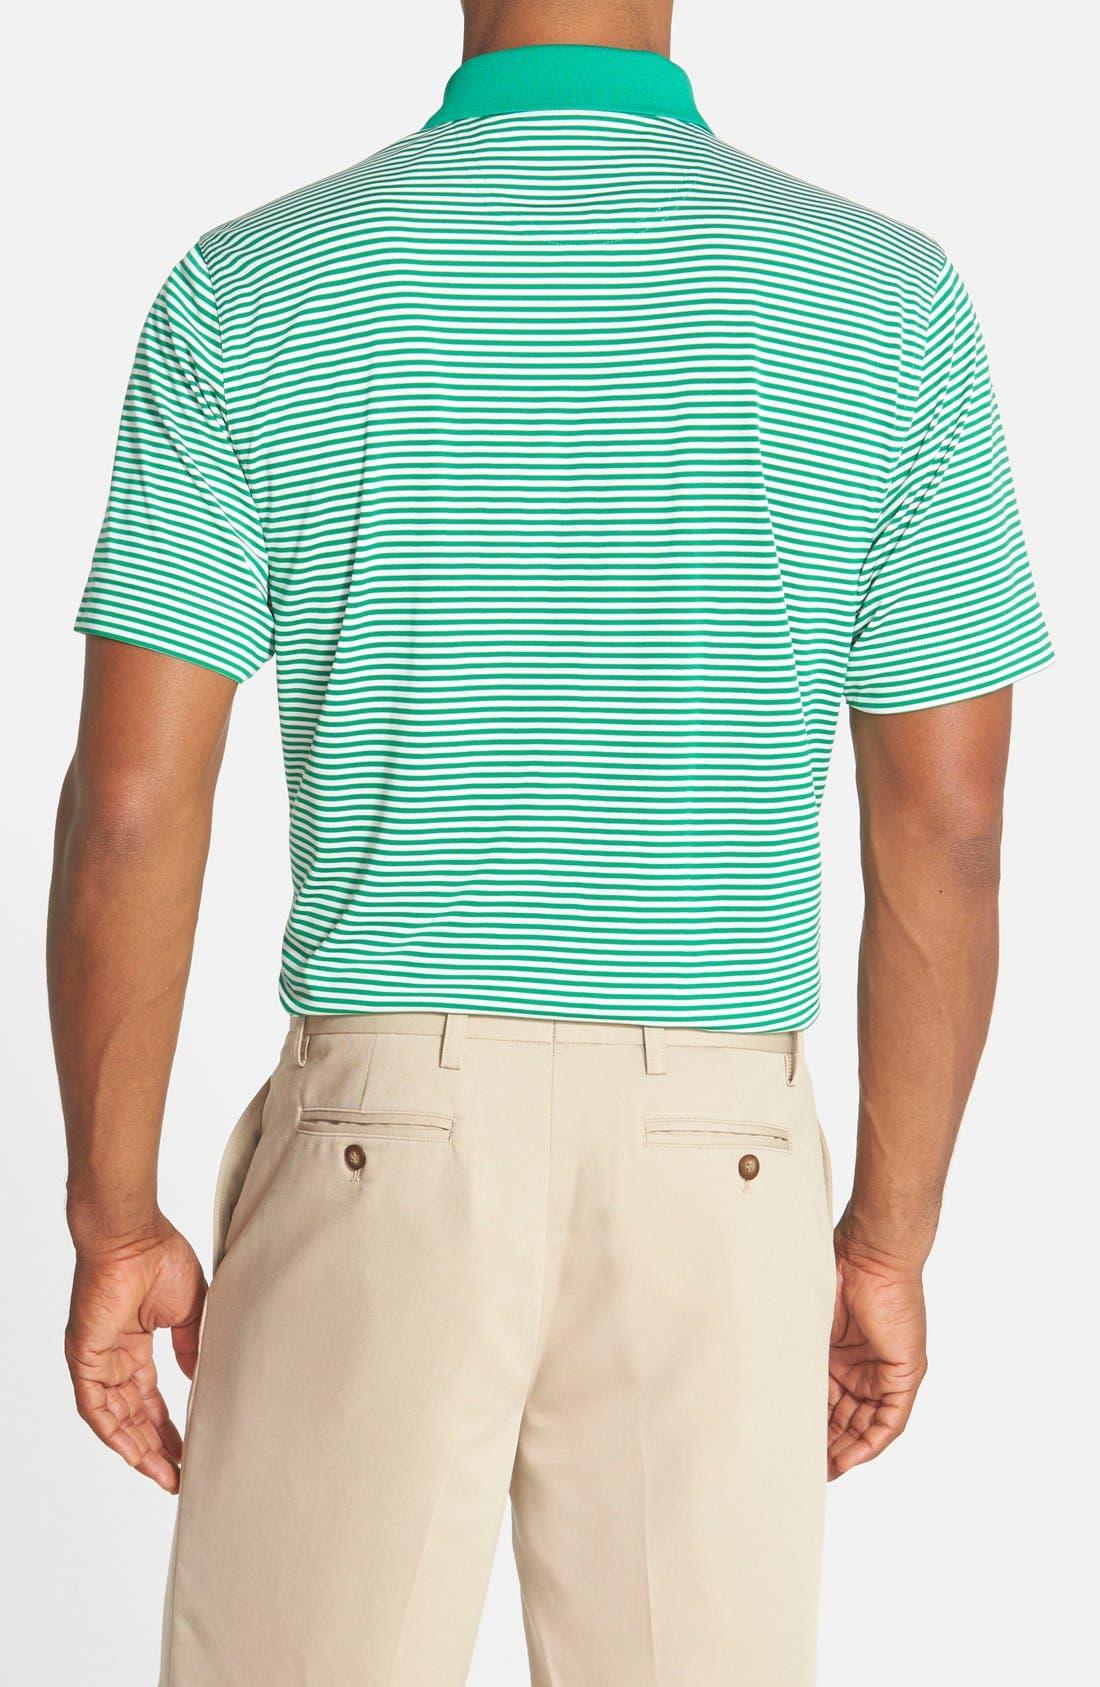 Alternate Image 2  - Cutter & Buck Trevor DryTec Moisture Wicking Golf Polo